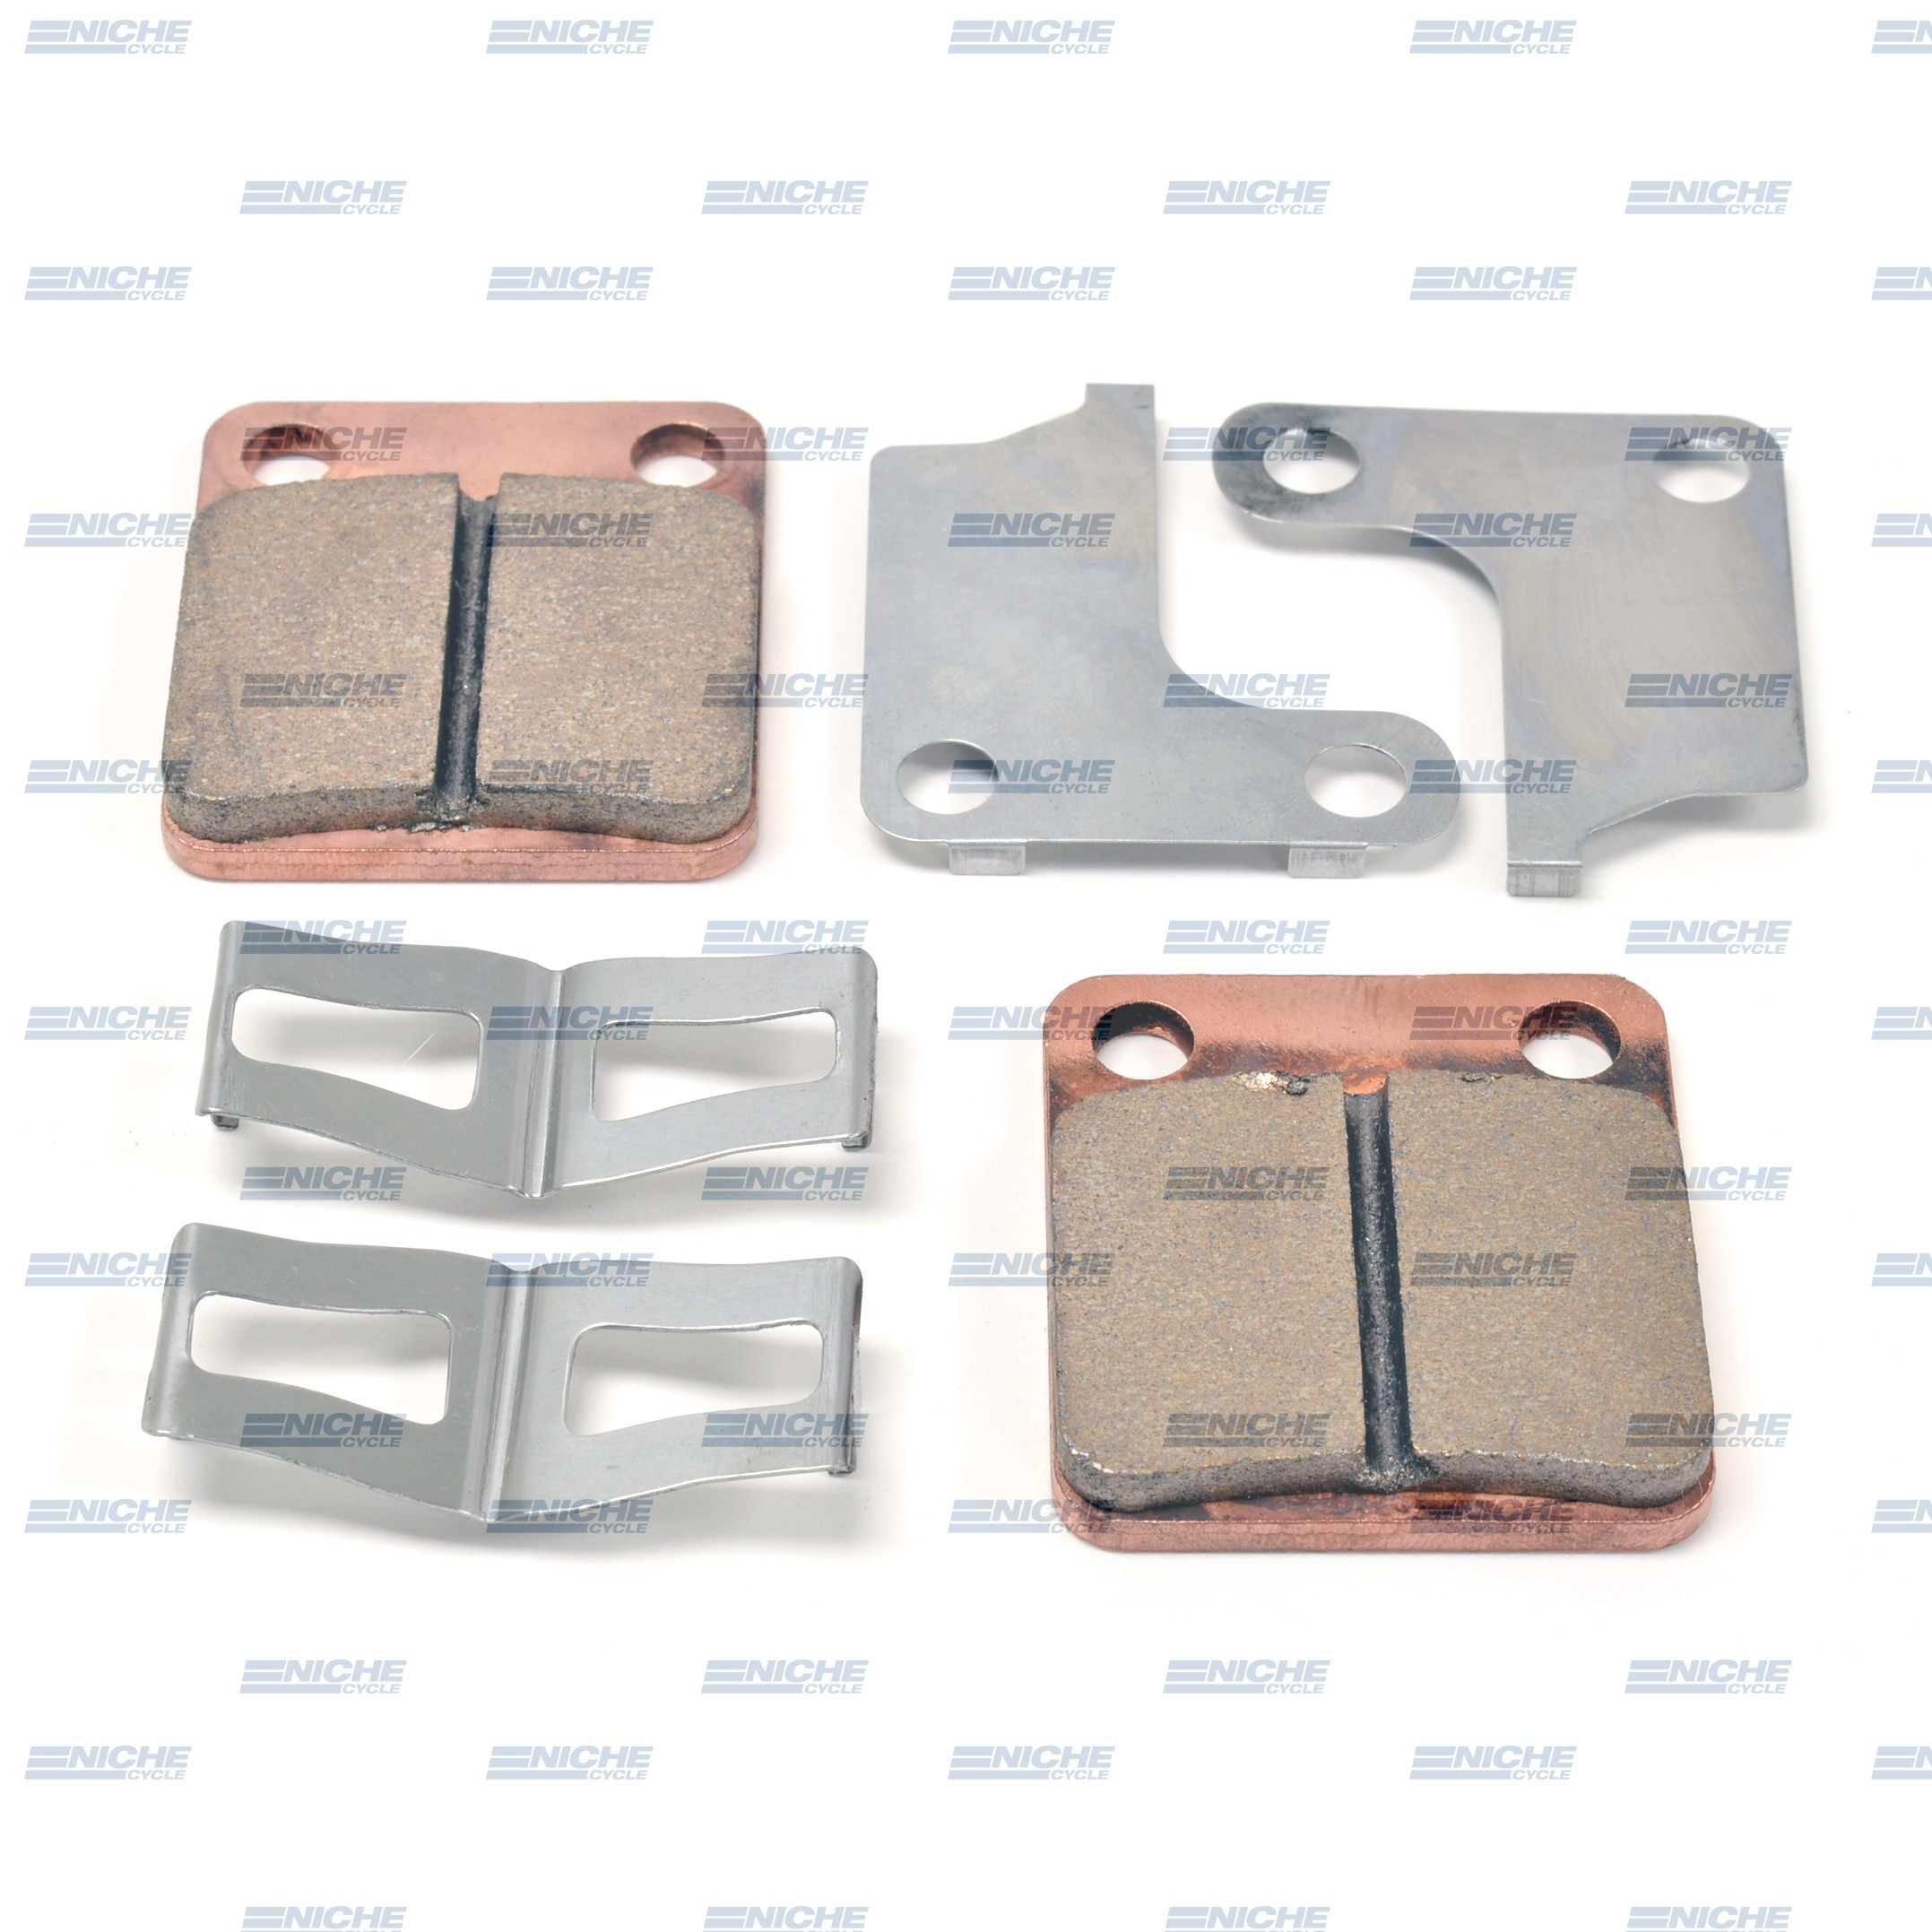 Brake Pad - Full Metal 64-51866